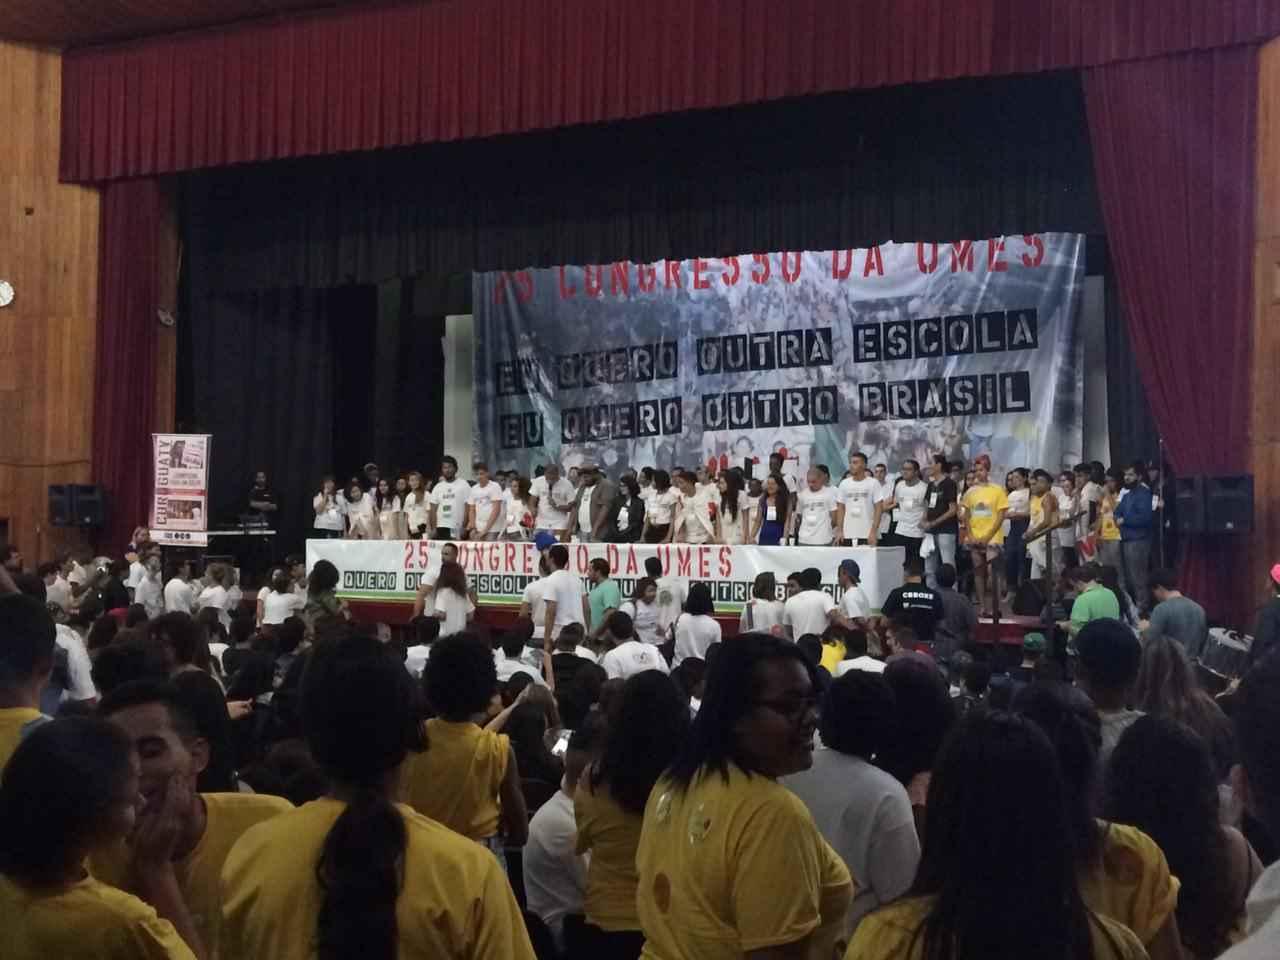 Movimento secundarista se une para a realização do 25° Congresso da UMES